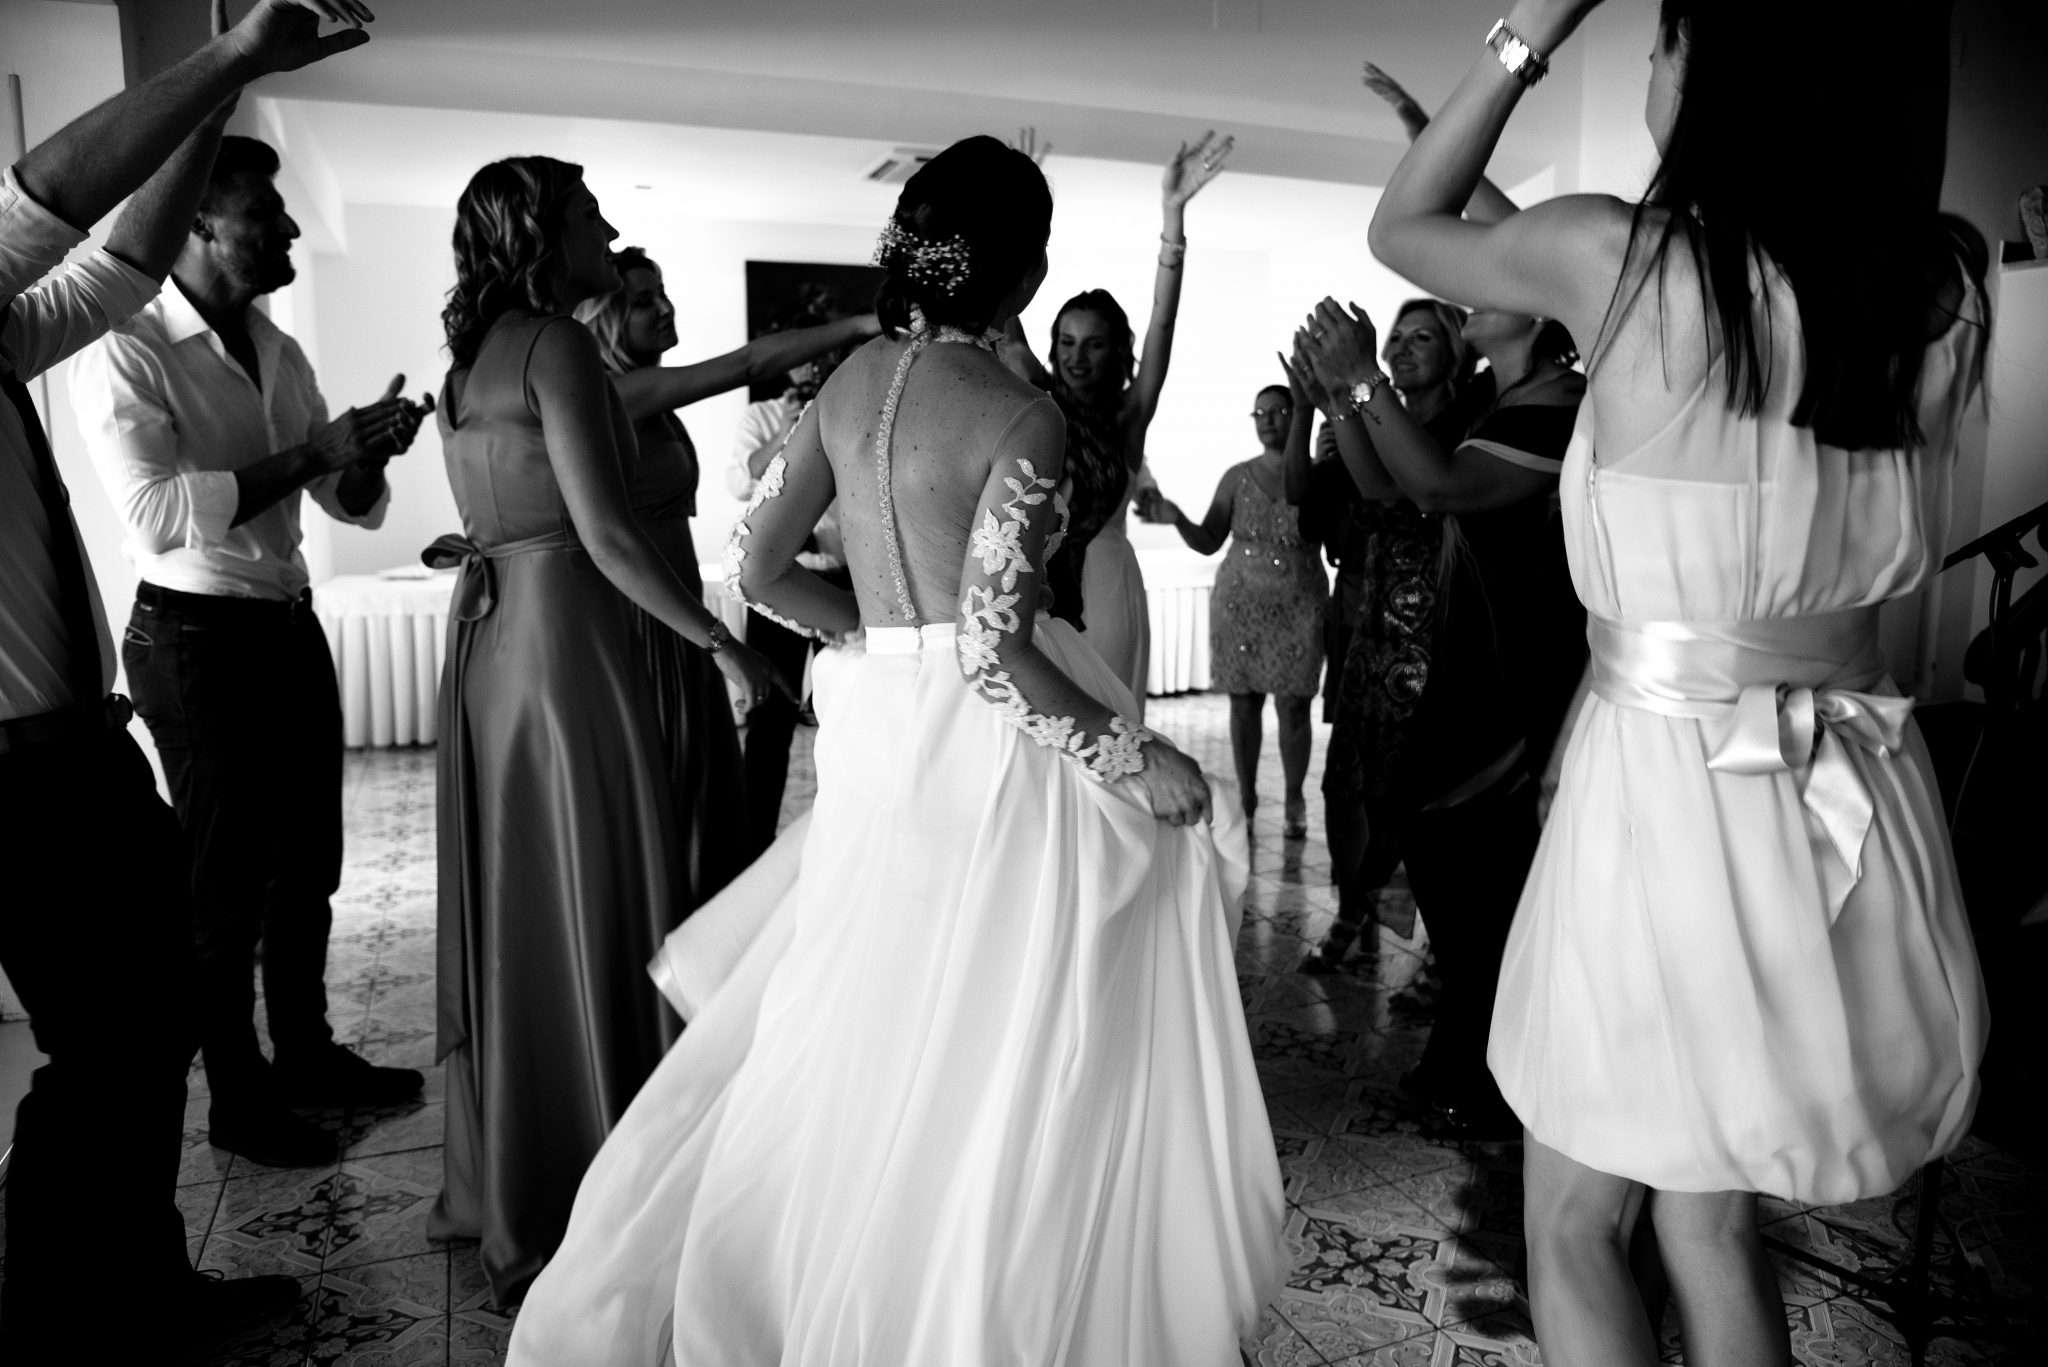 Fotografia ballo sposi wedding reportage Amalfi realizzata da Barbara Trincone fotografa professionista con studio a Pozzuoli - Napoli